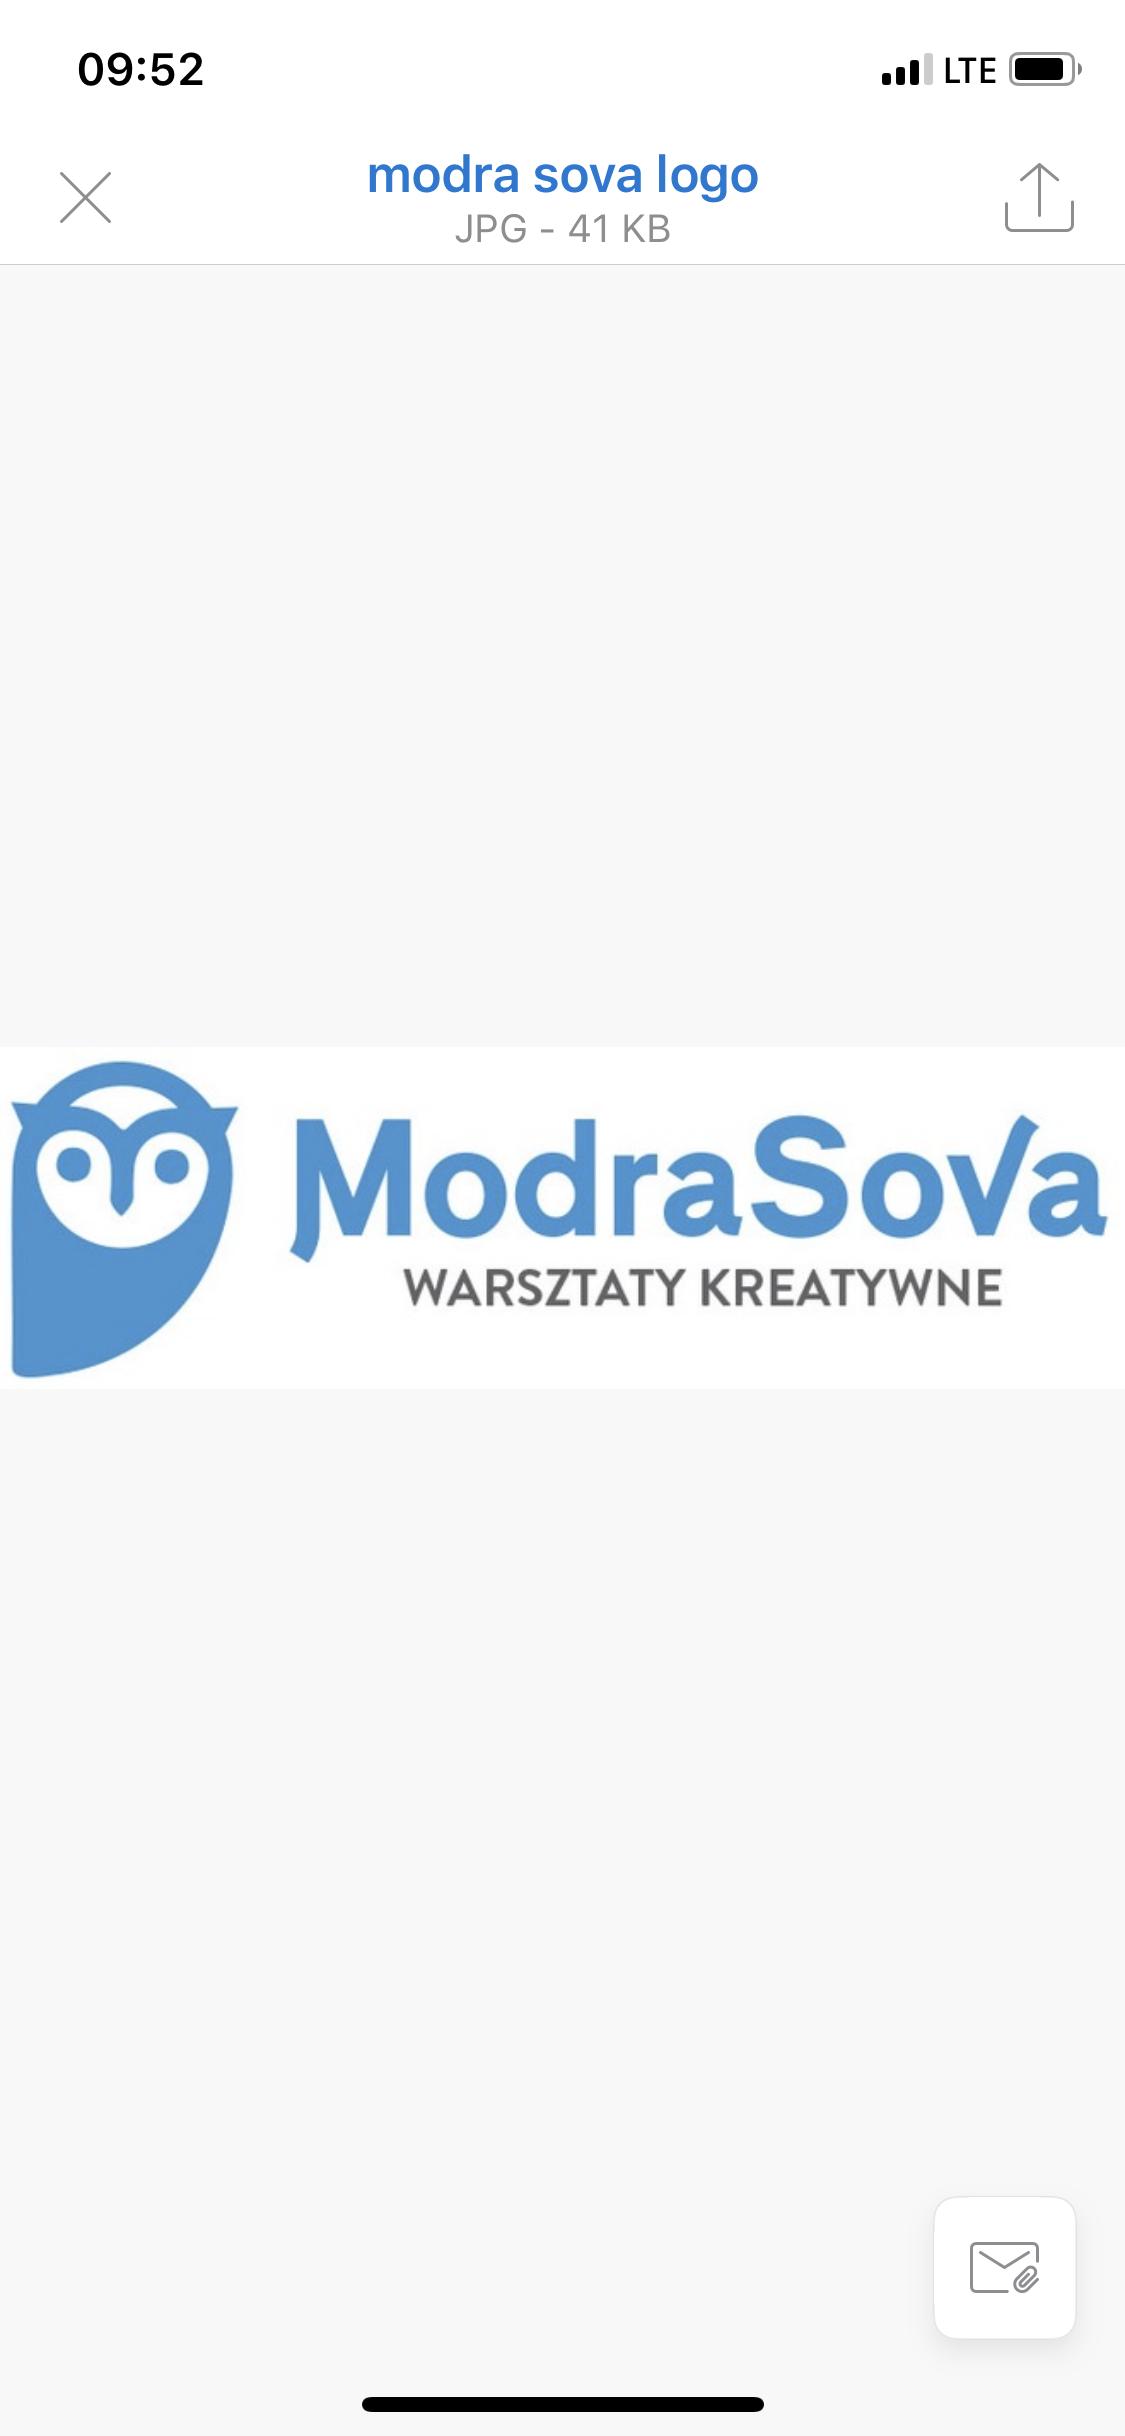 ModraSova nową firmą członkowską SBE